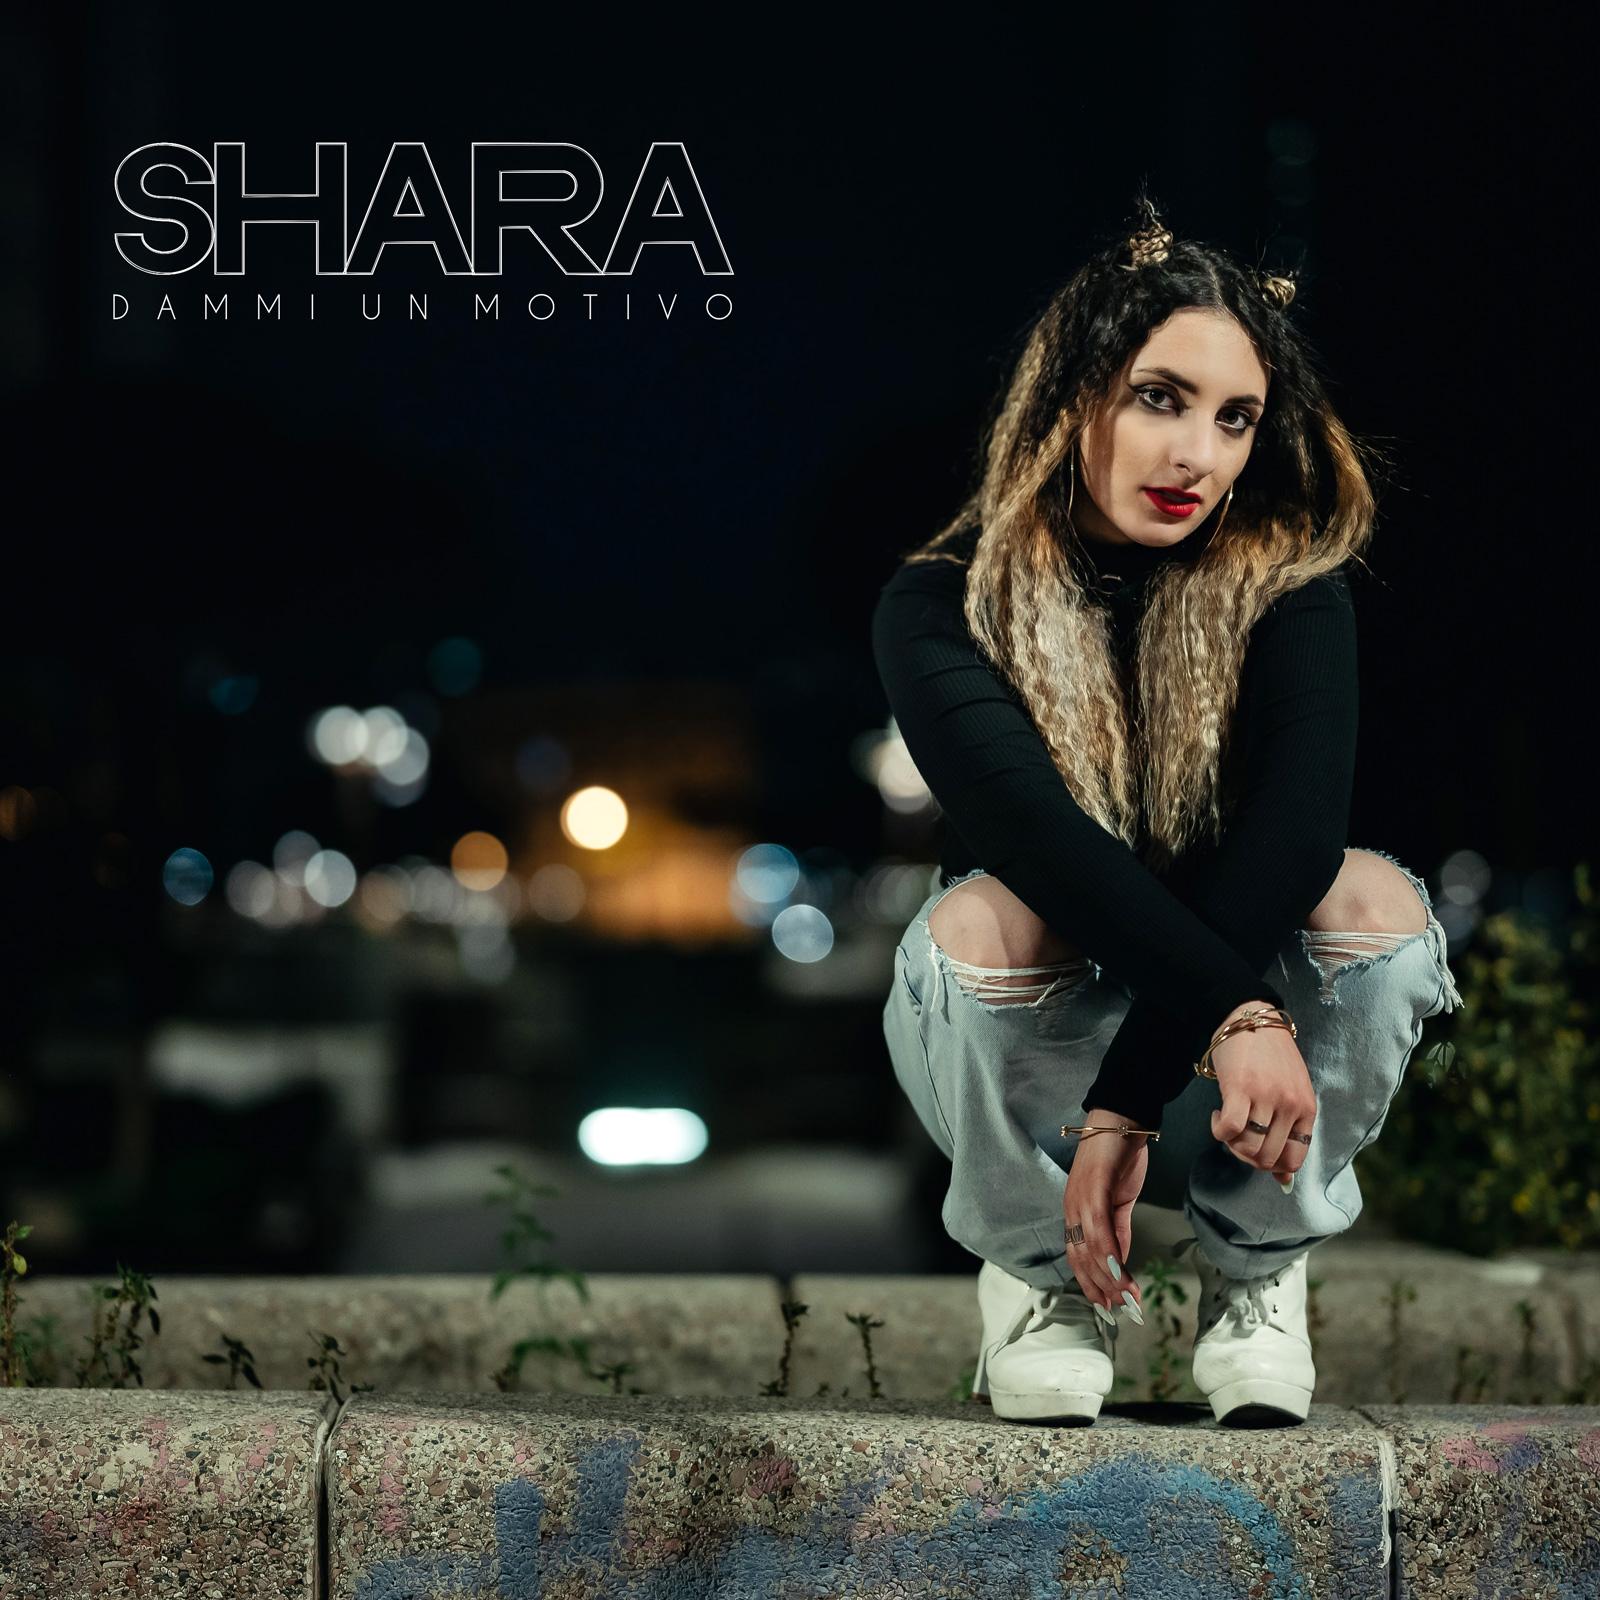 """Read more about the article """"DAMMI UN MOTIVO"""" il nuovo singolo di SHARA"""